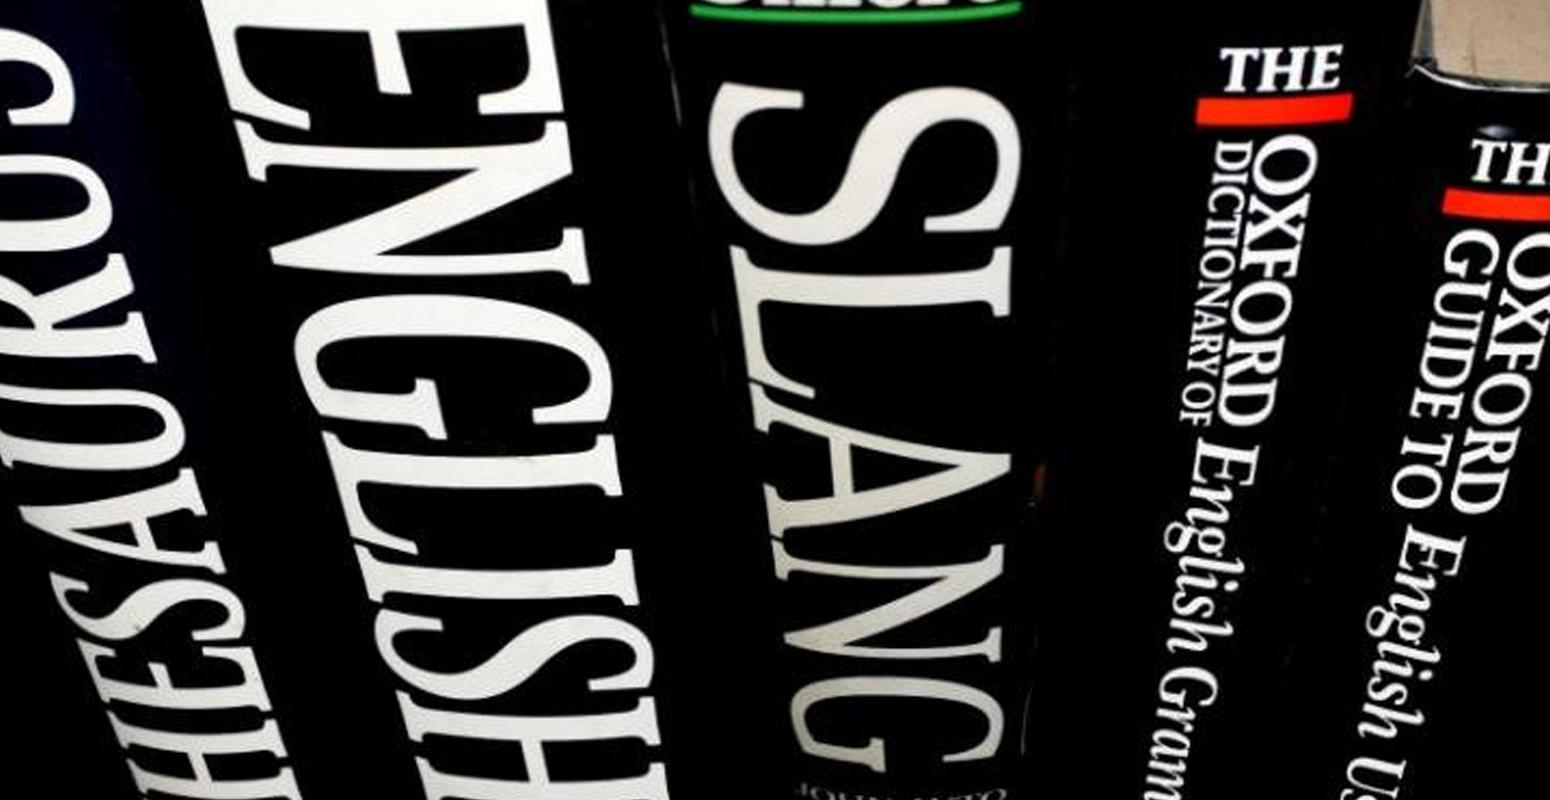 スラングの語源とは